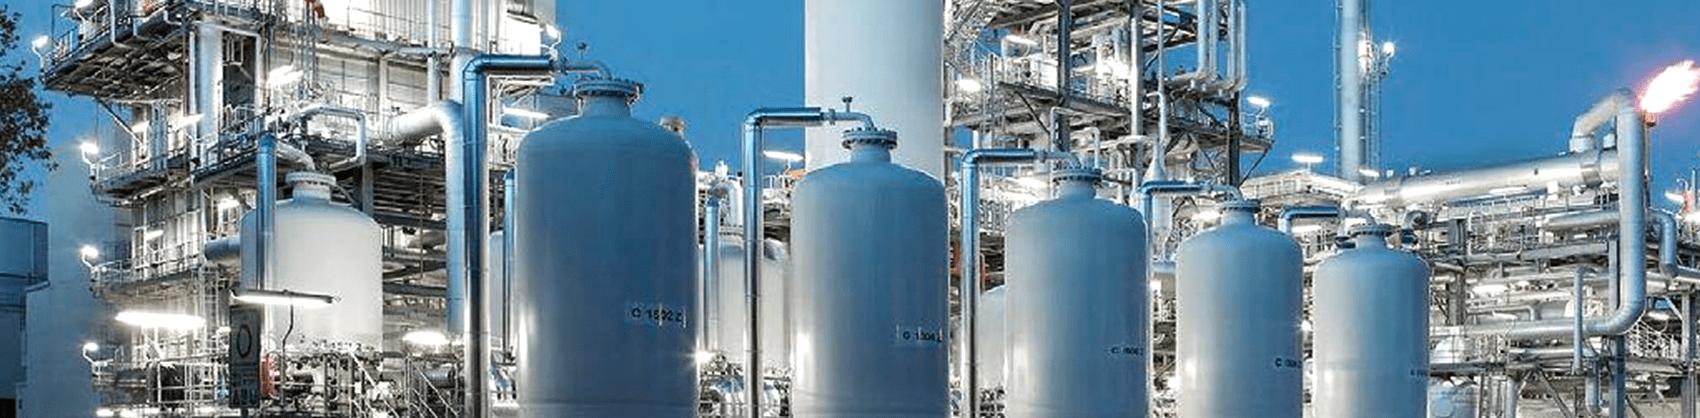 Pump manufacturers in India